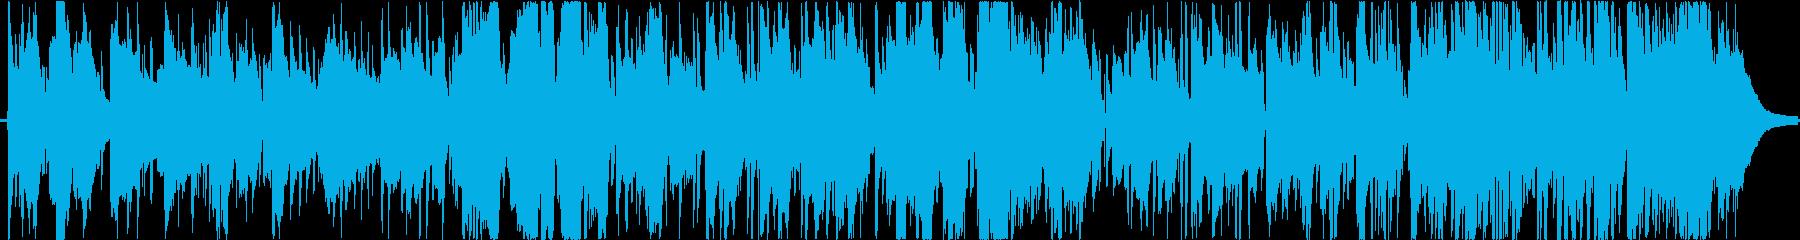 スローカントリーとフォックス。の再生済みの波形